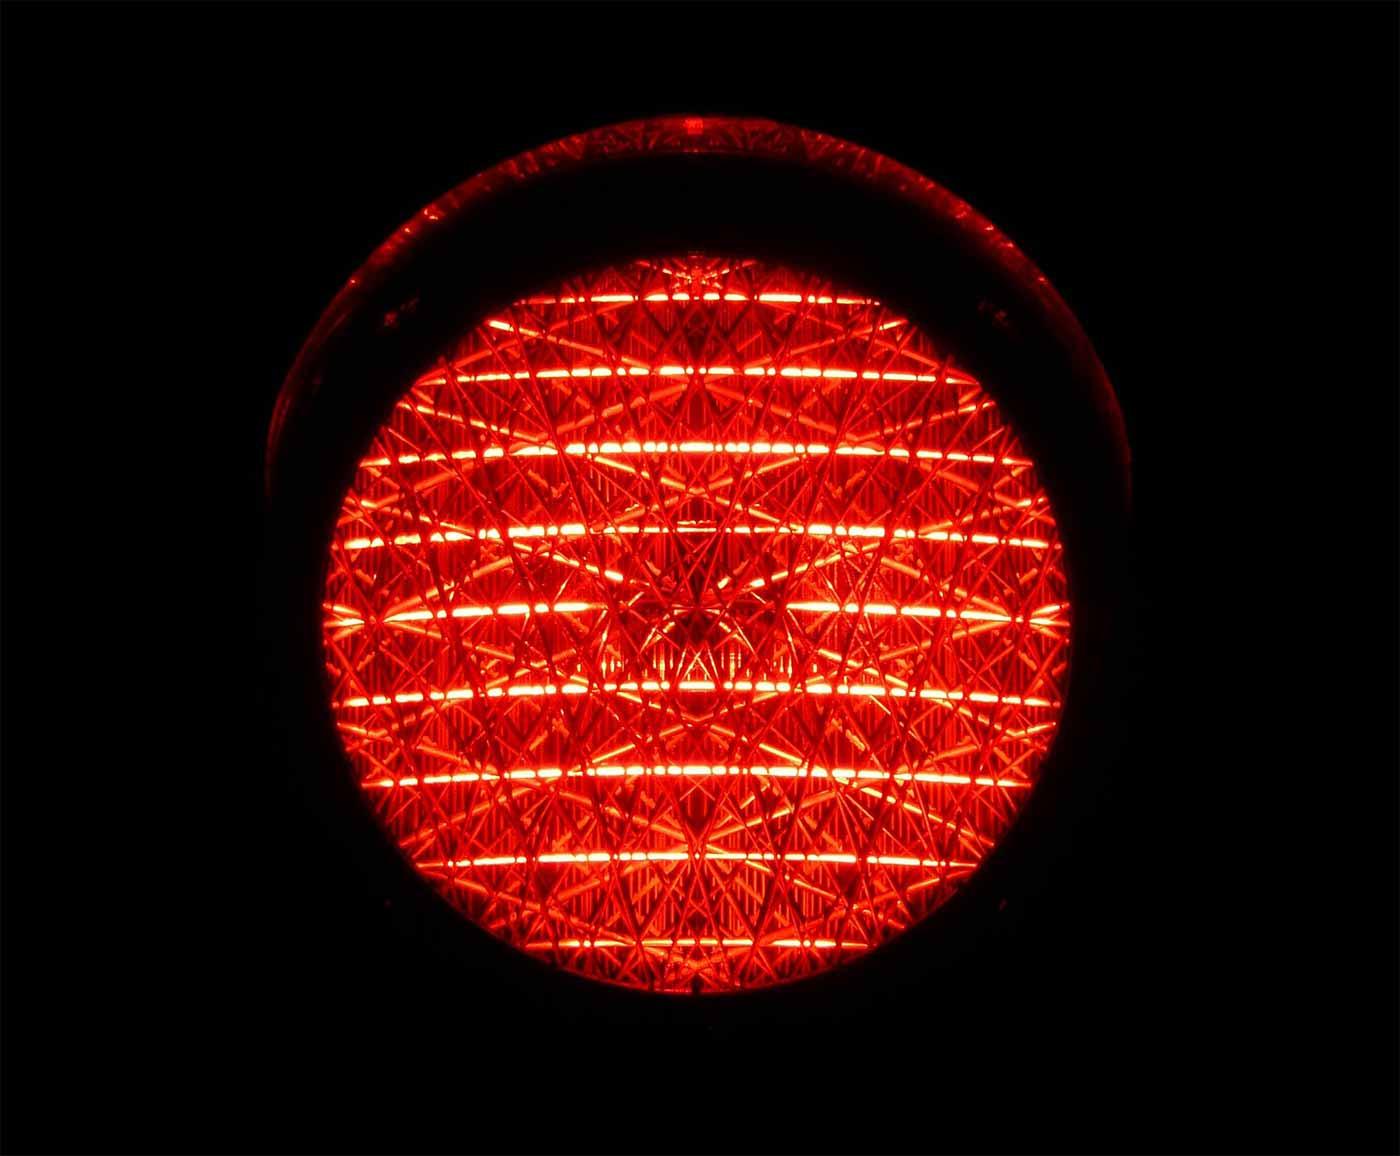 Red traffic light at night